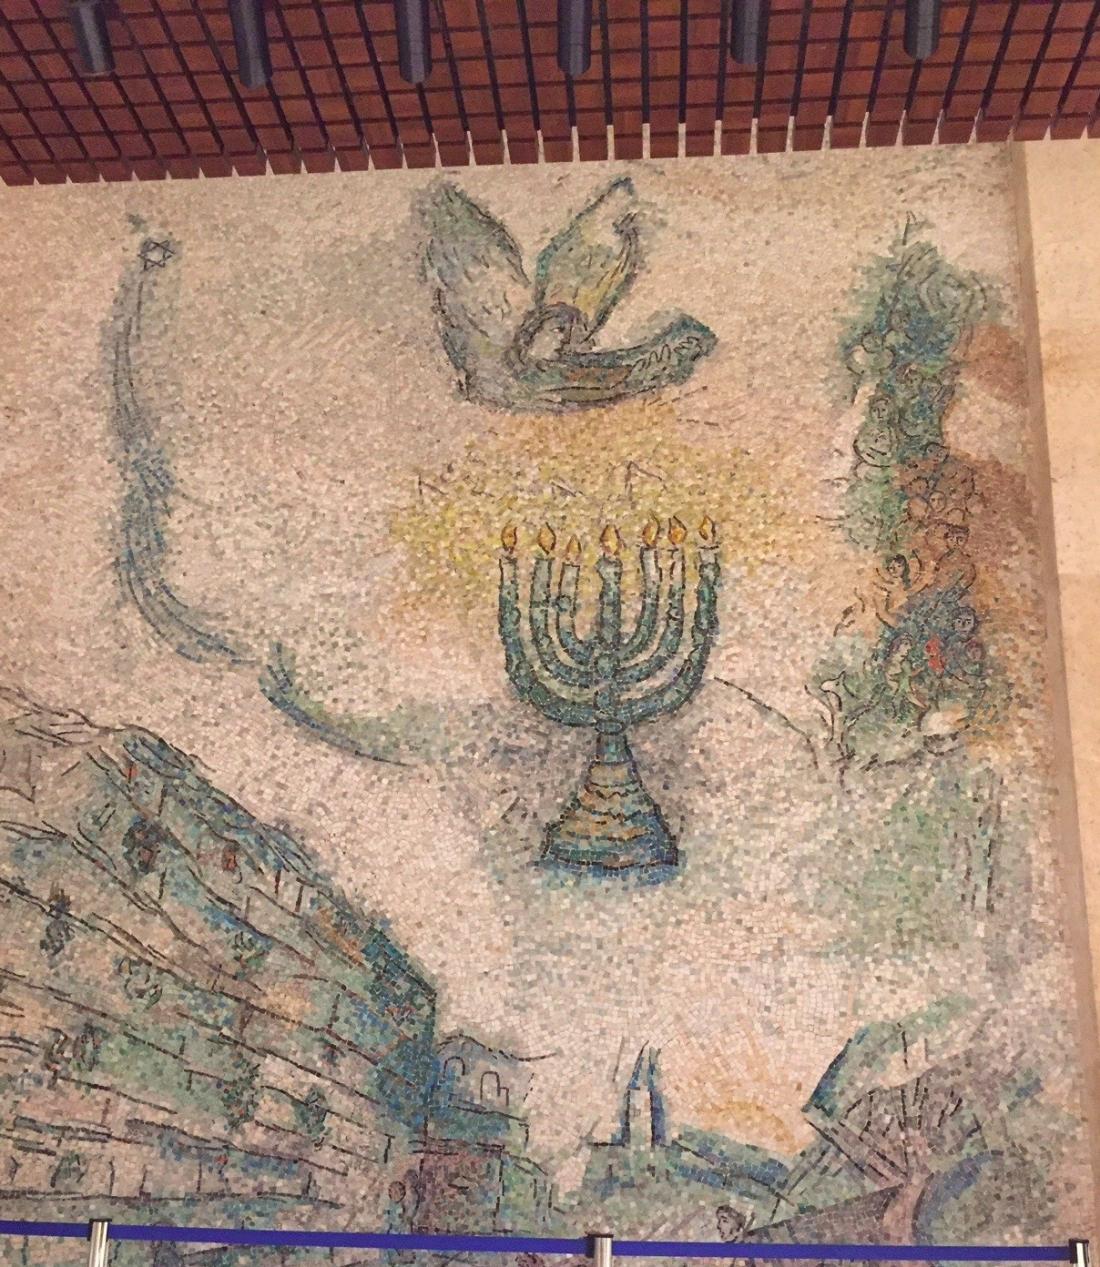 chagall.jpg.jpg